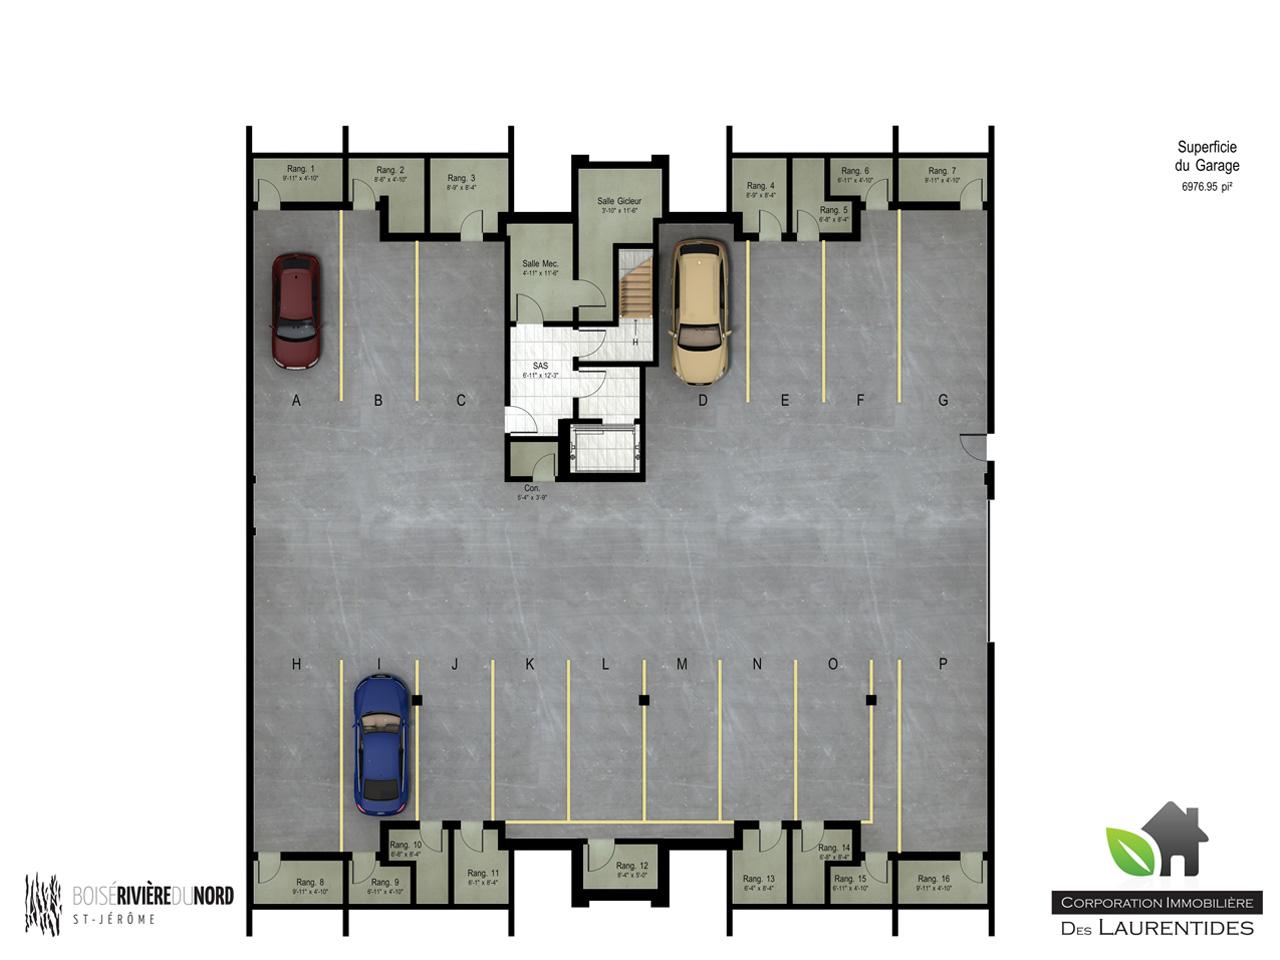 Plan-Garage